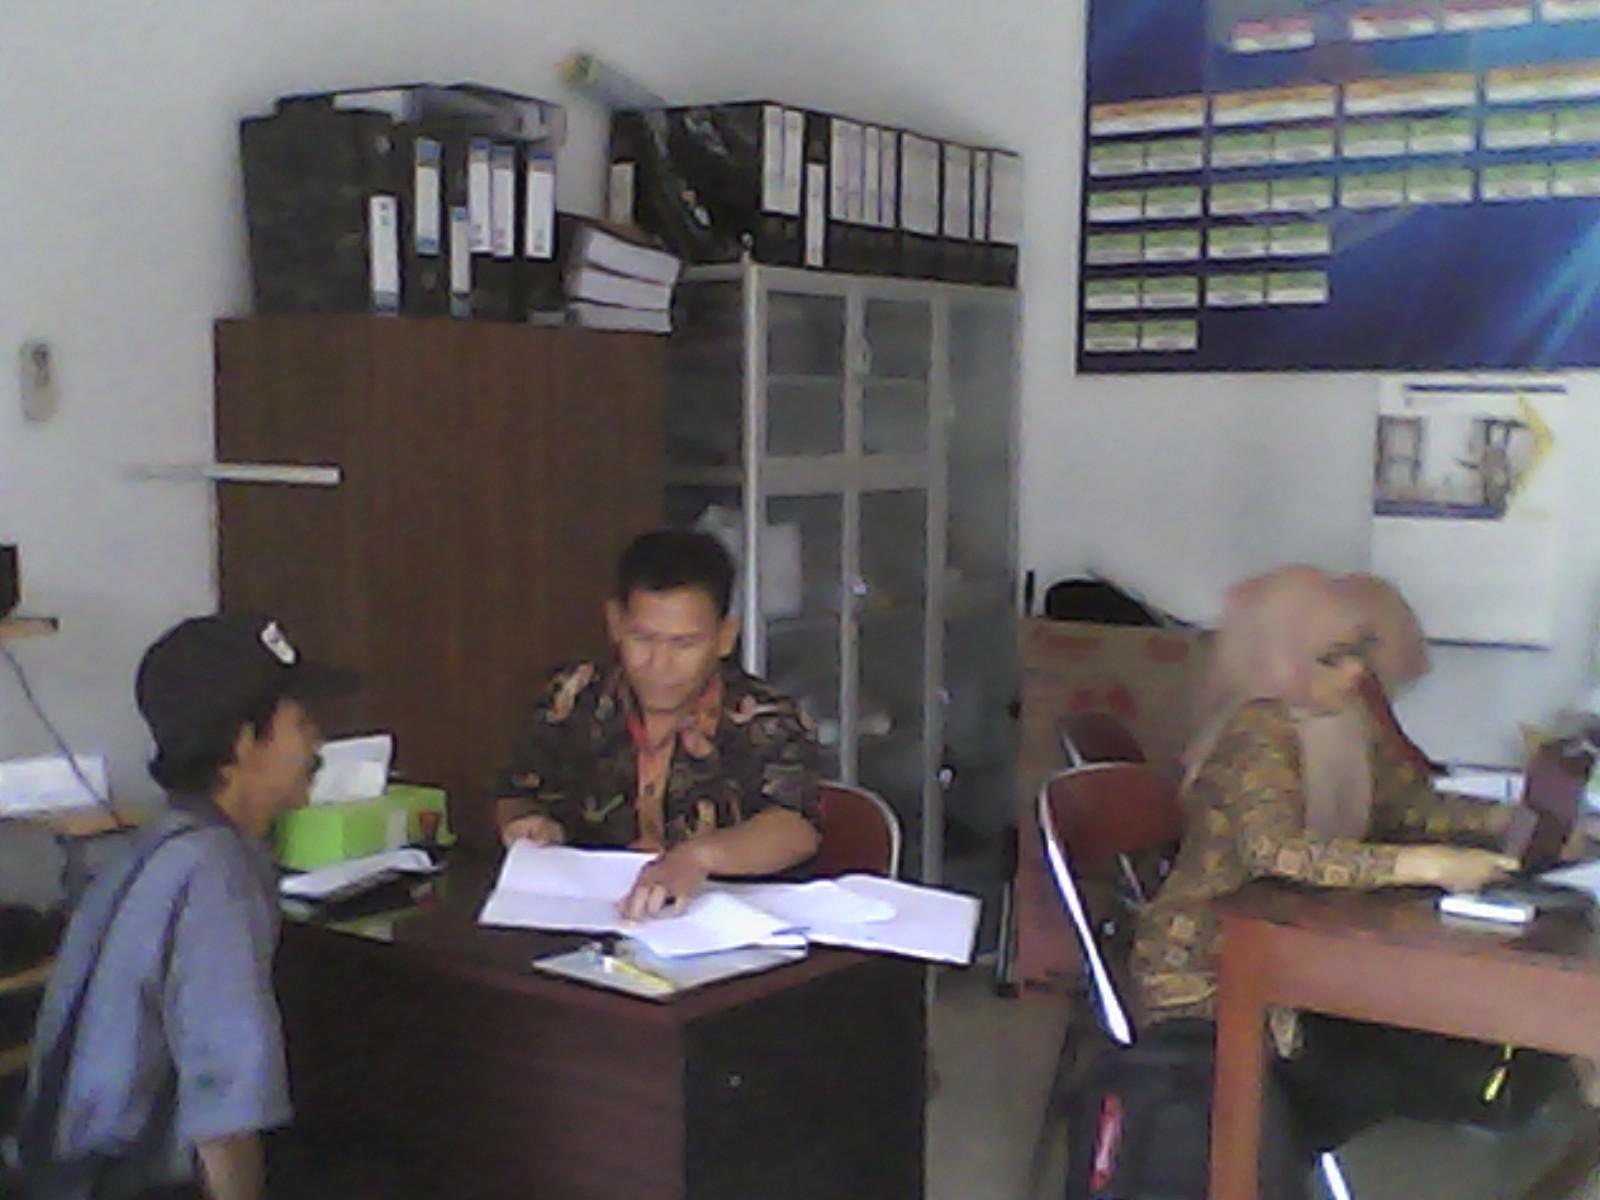 Suasana Pelayanan Publik di Kantor Desa Makar Jaya.